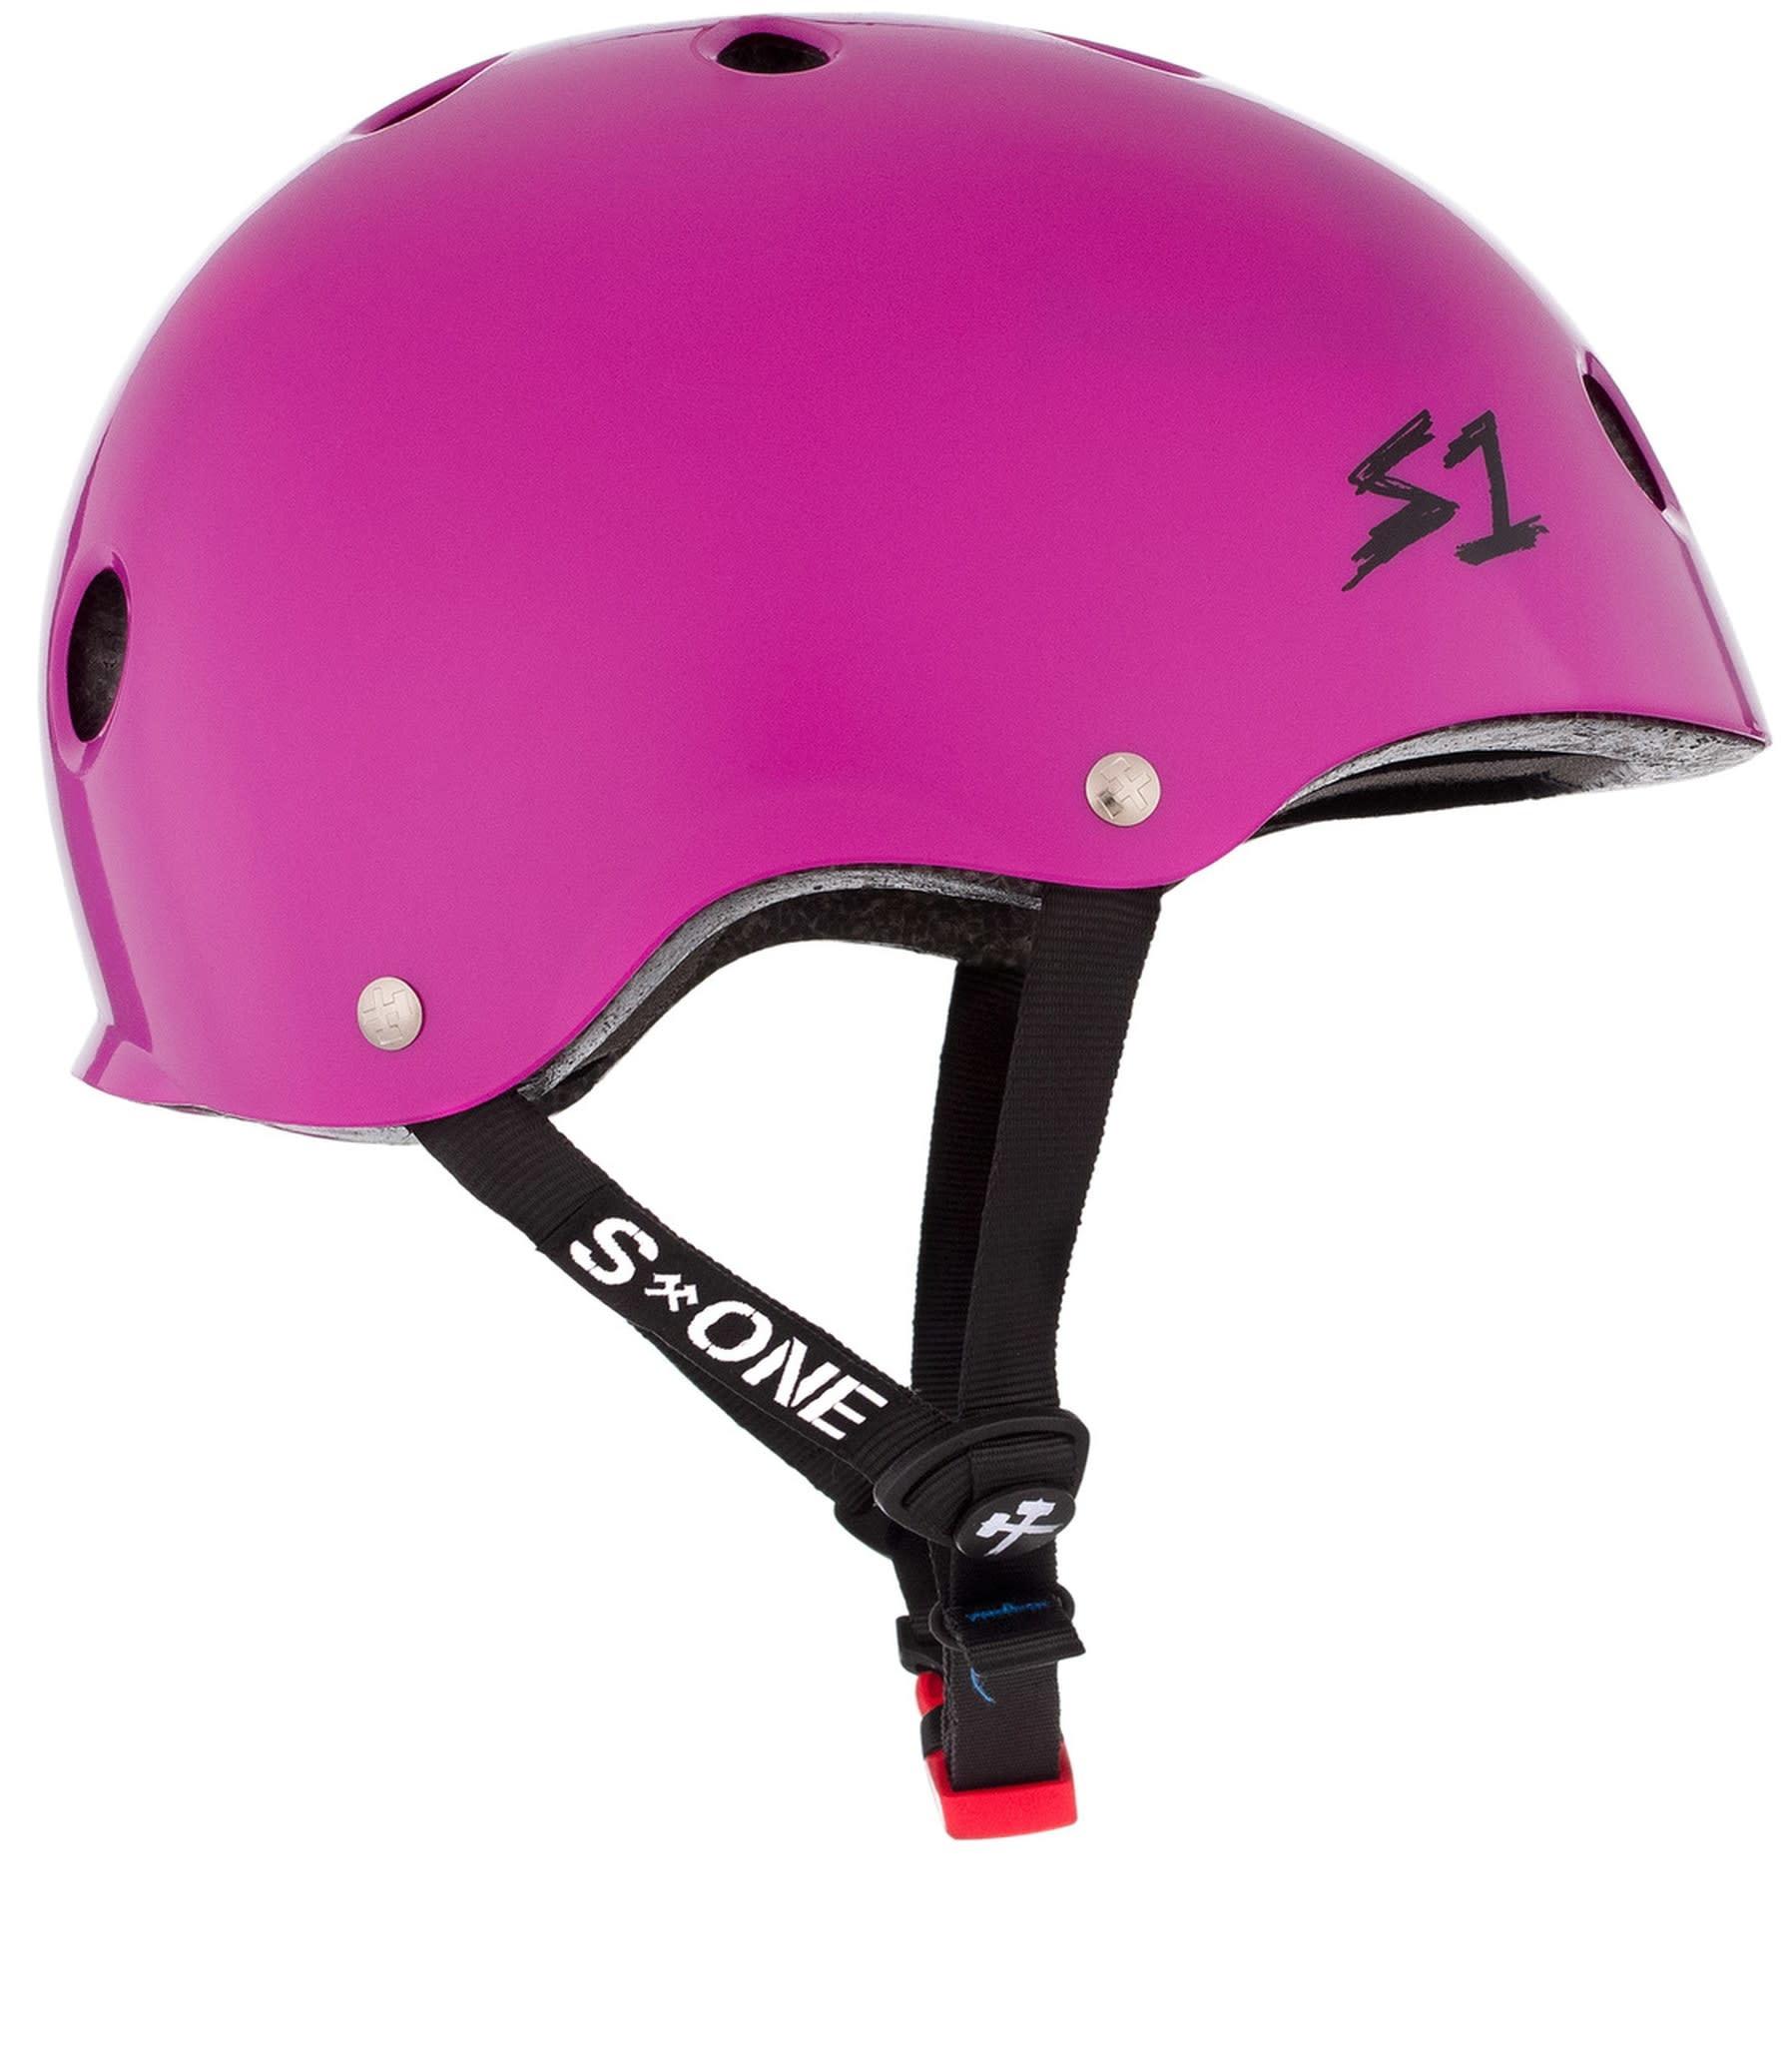 S-1 Mini Lifer Helmet - Bright Purple Gloss